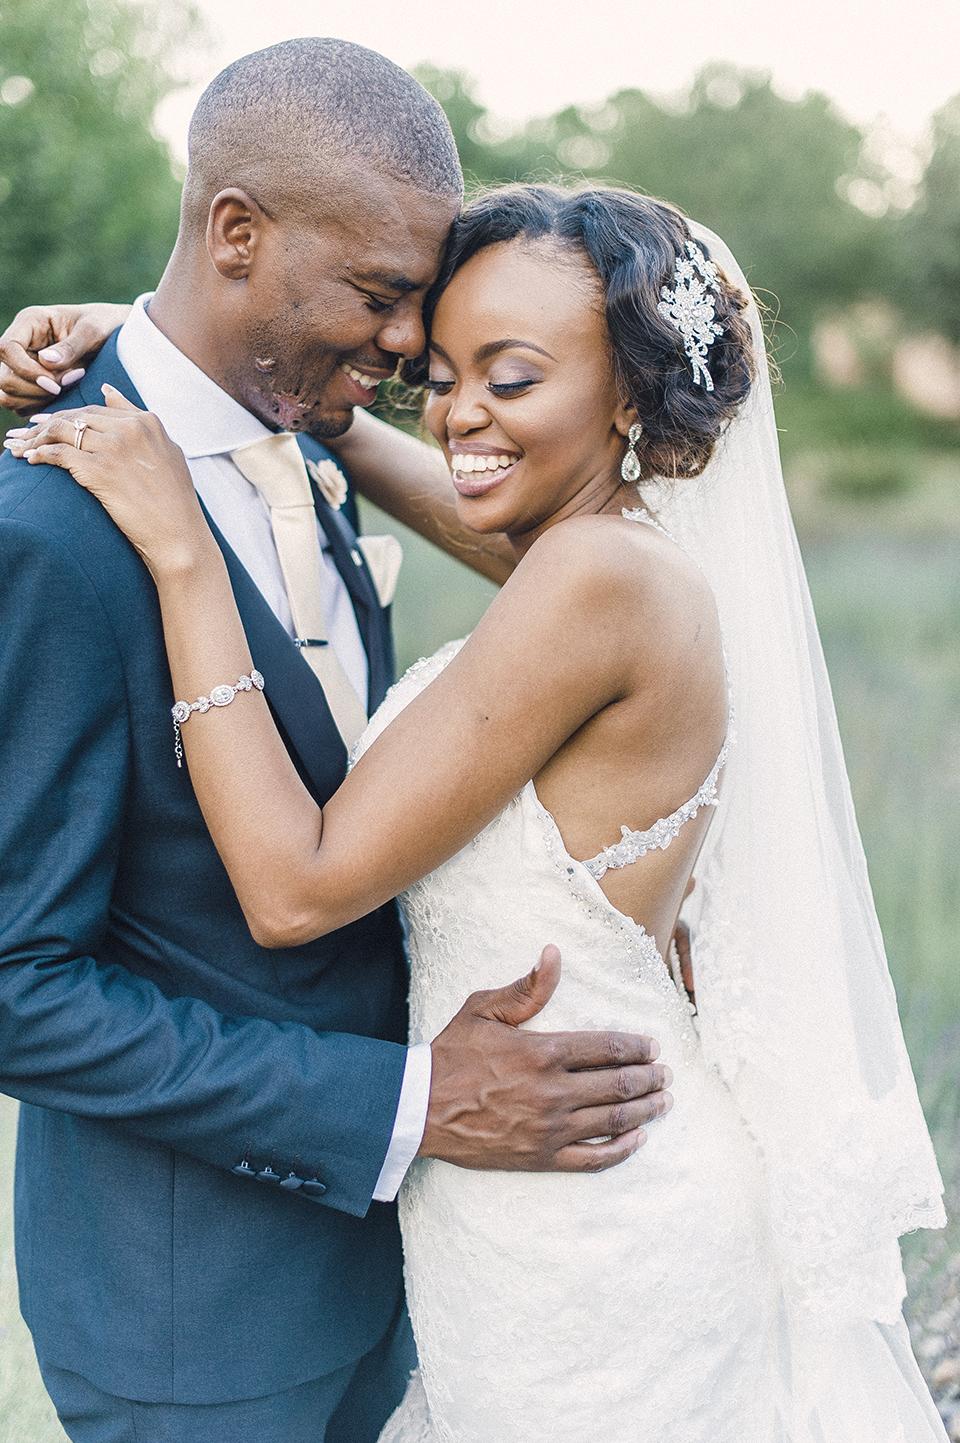 RyanParker_WeddingPhotographer_FineArt_CapeTown_Johannesburg_Hermanus_Avianto_T&L_DSC_9234.jpg